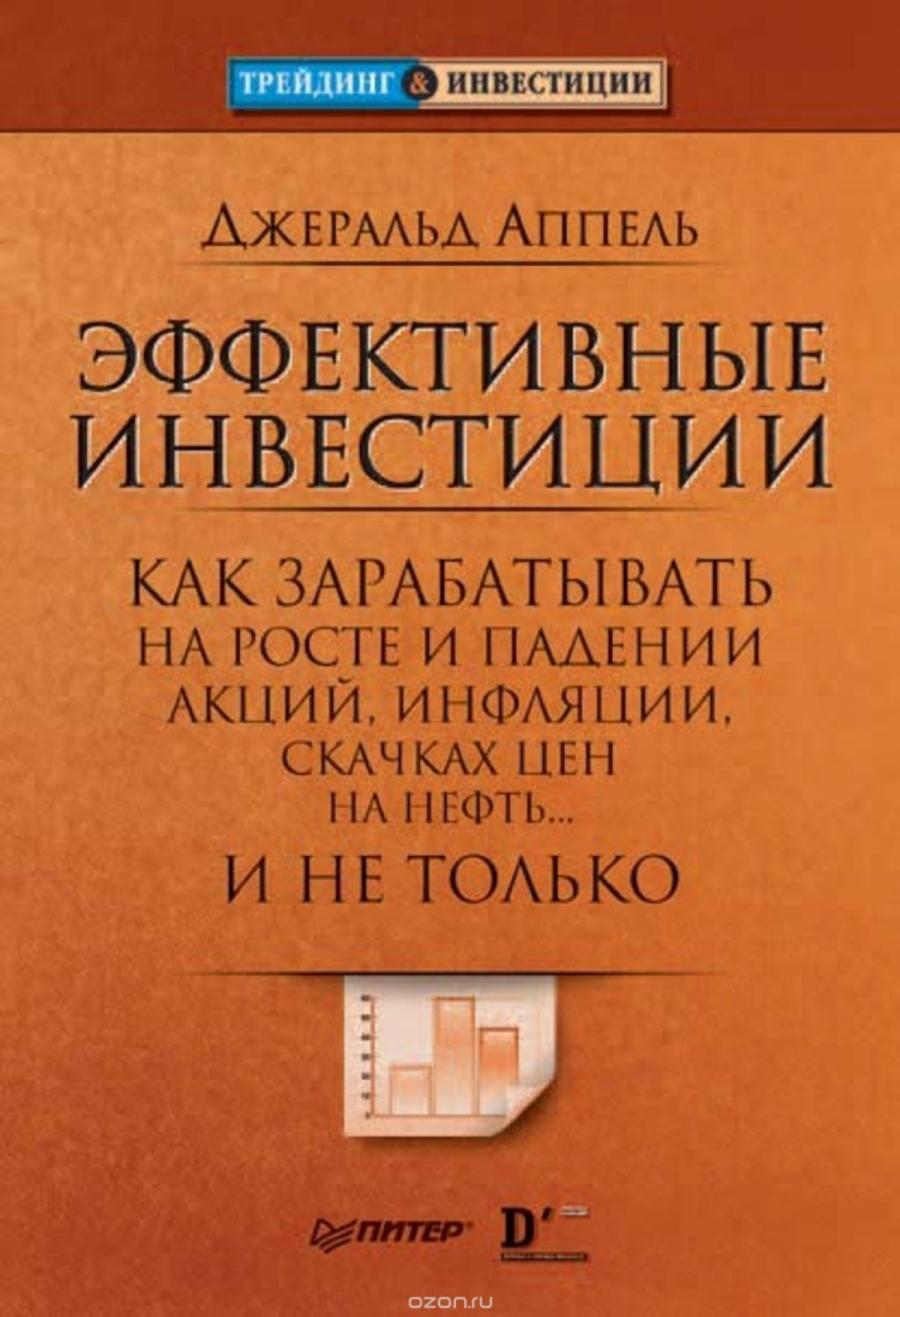 Обложка книги:  аппель д. - эффективные инвестиции. как зарабатывать на росте и падении акций, инфляции, скачках цен на нефть